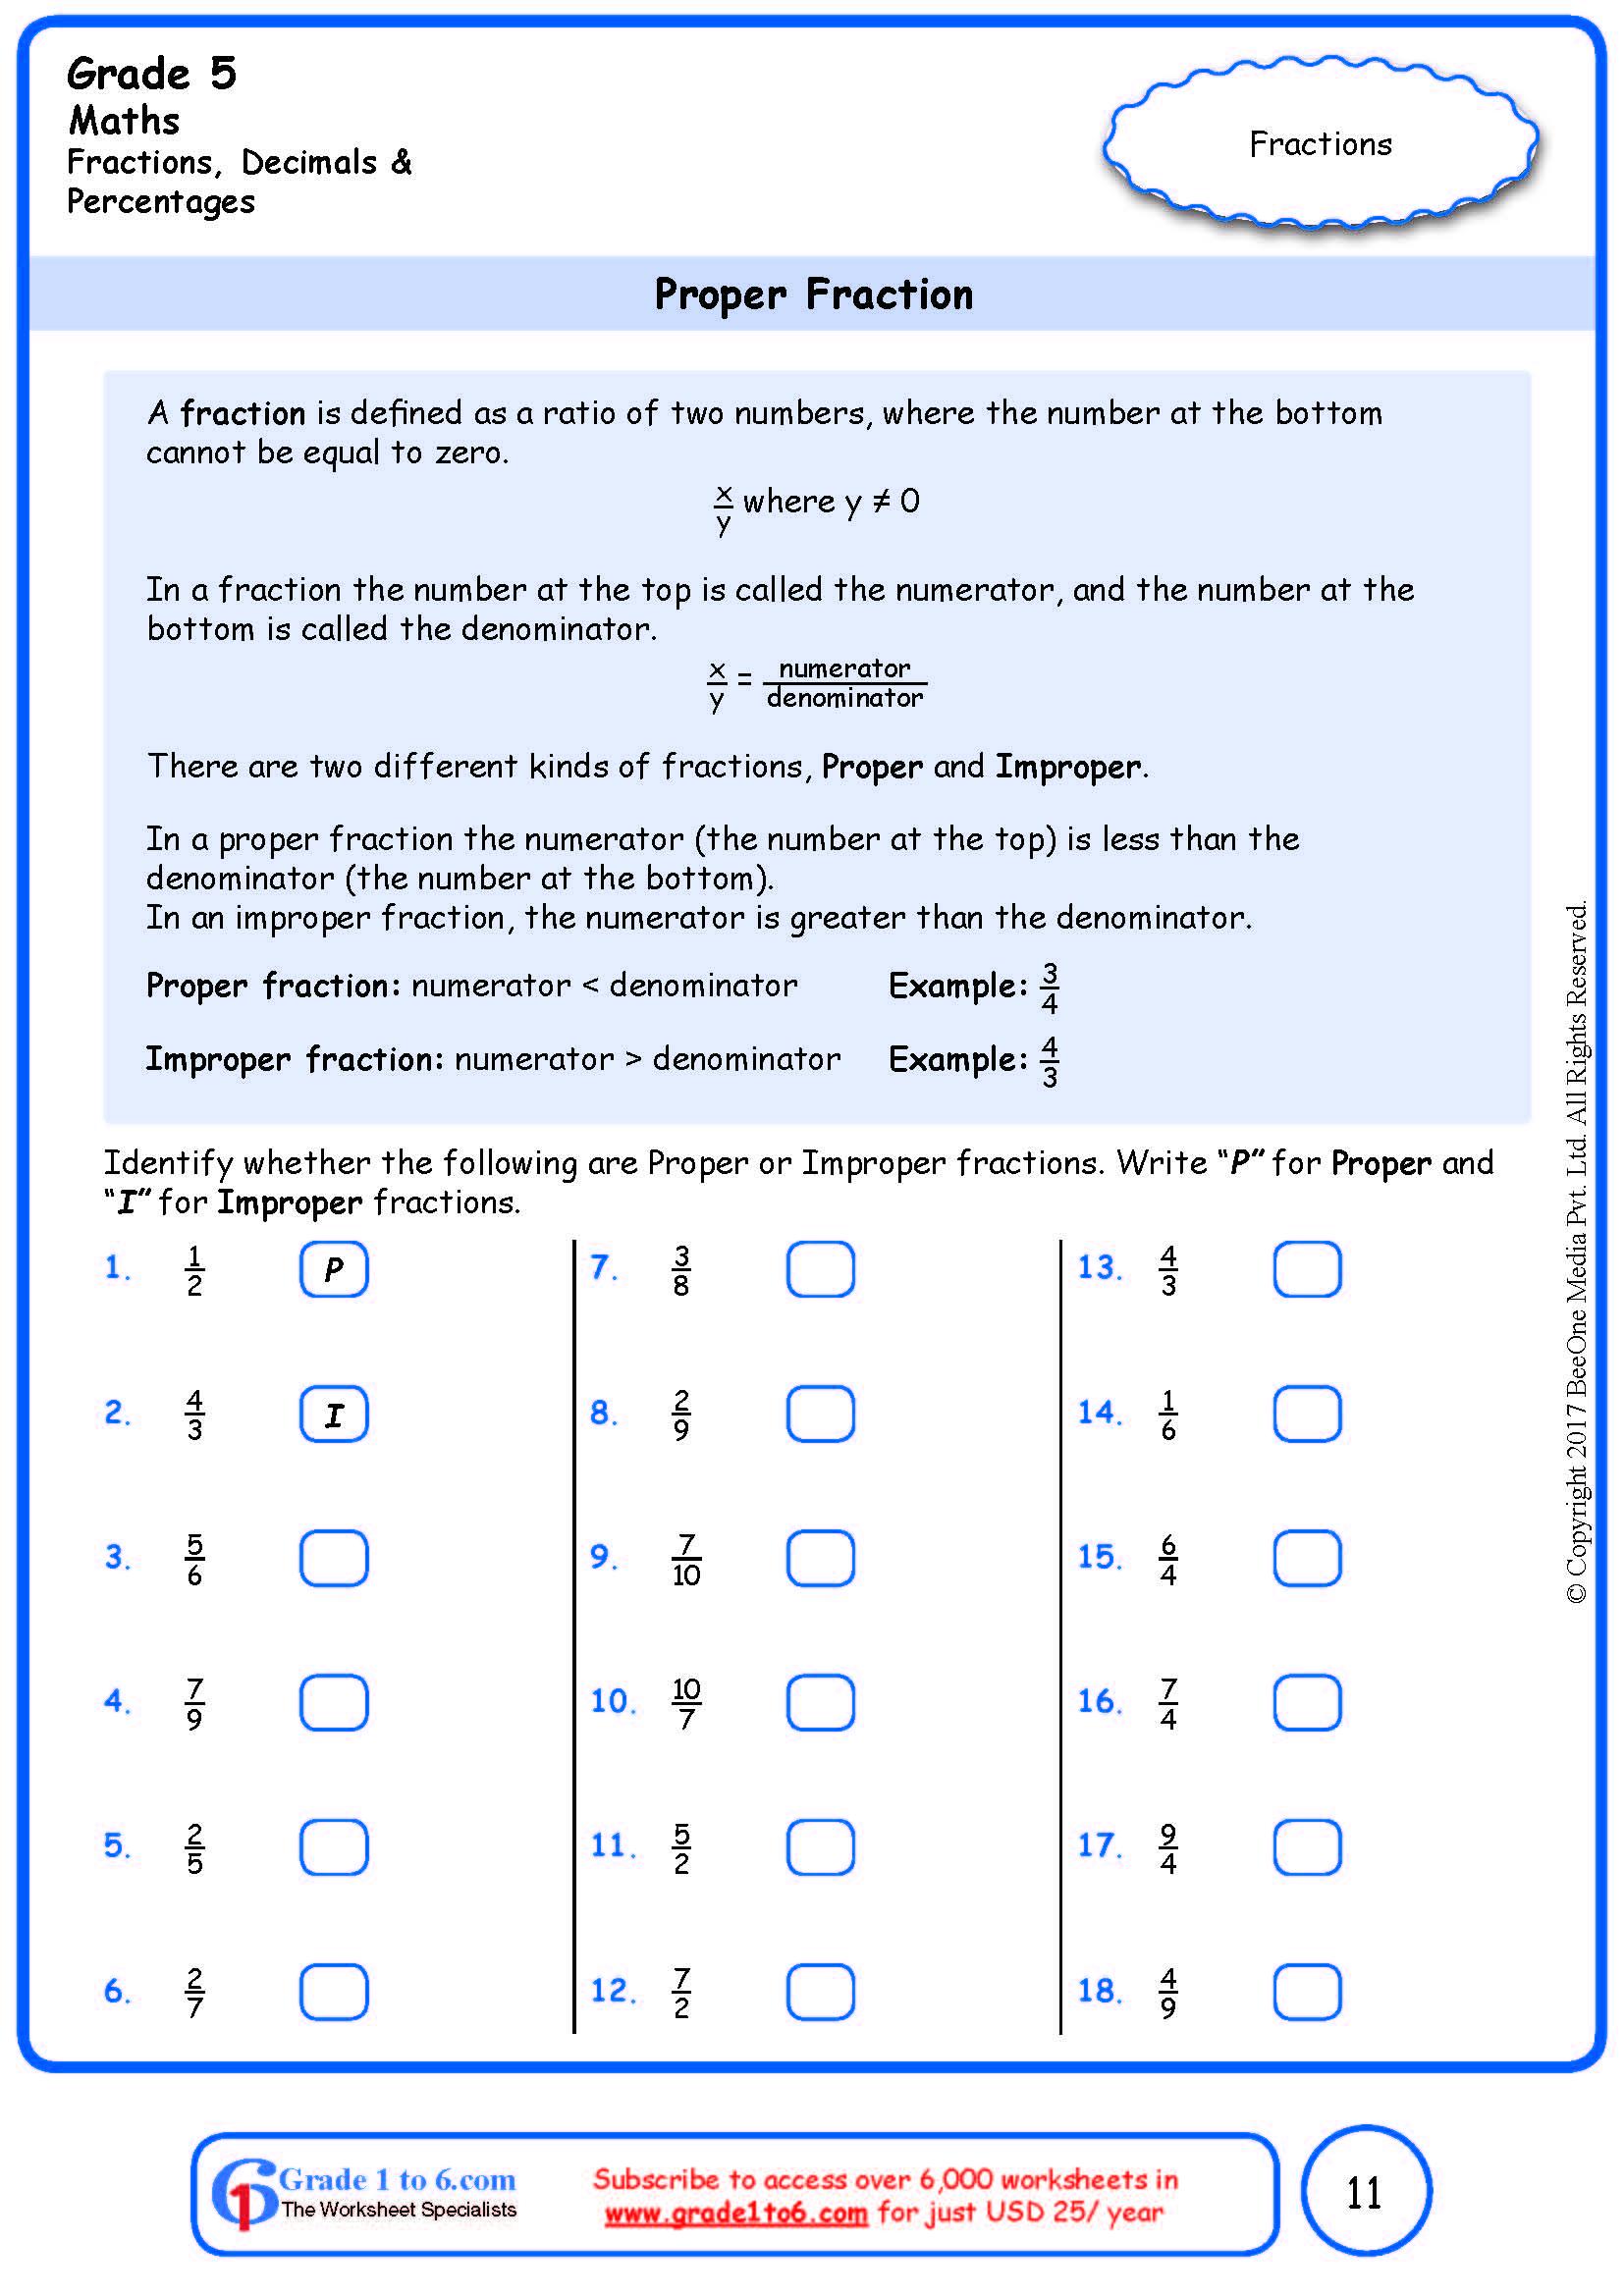 hight resolution of Grade 5 Proper to Improper Fraction Worksheets www.grade1to6.com